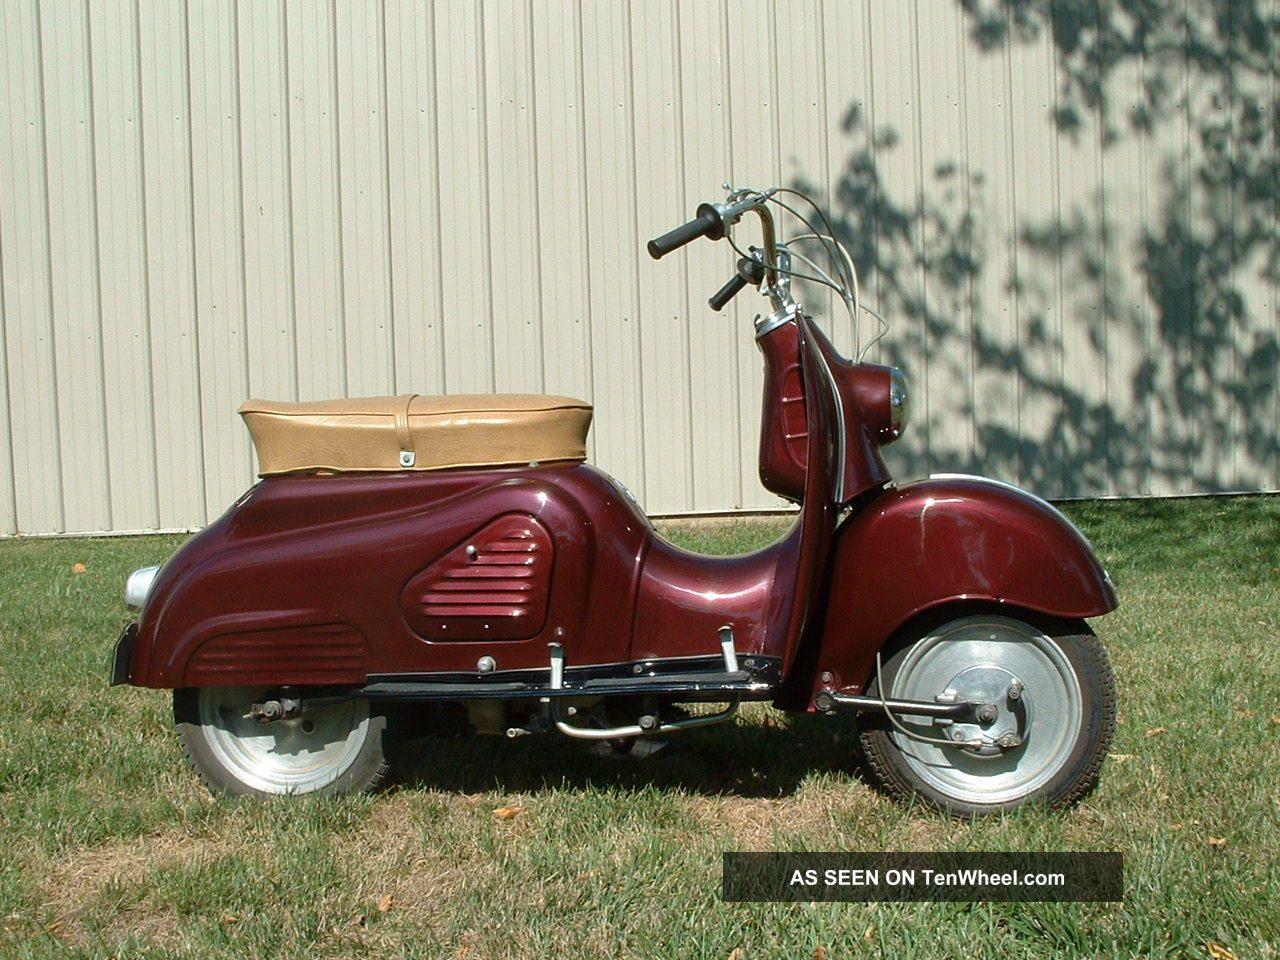 1957 Zundapp Bella R153 Other Makes photo